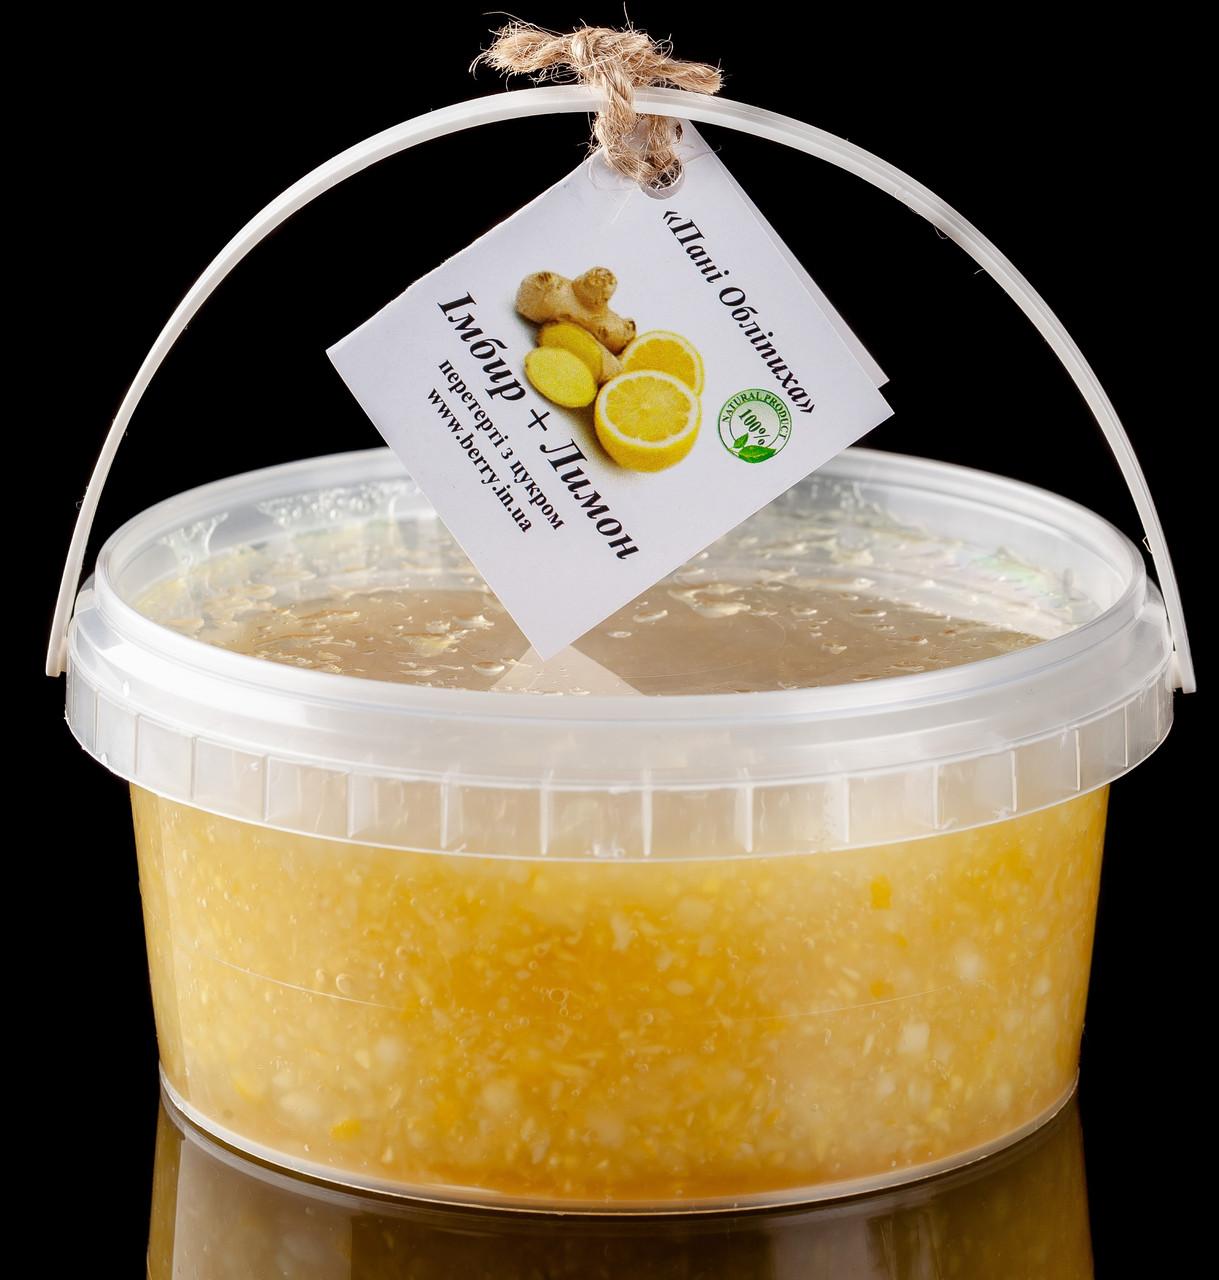 Имбирь с лимоном, протёртые с мёдом 0,5 кг